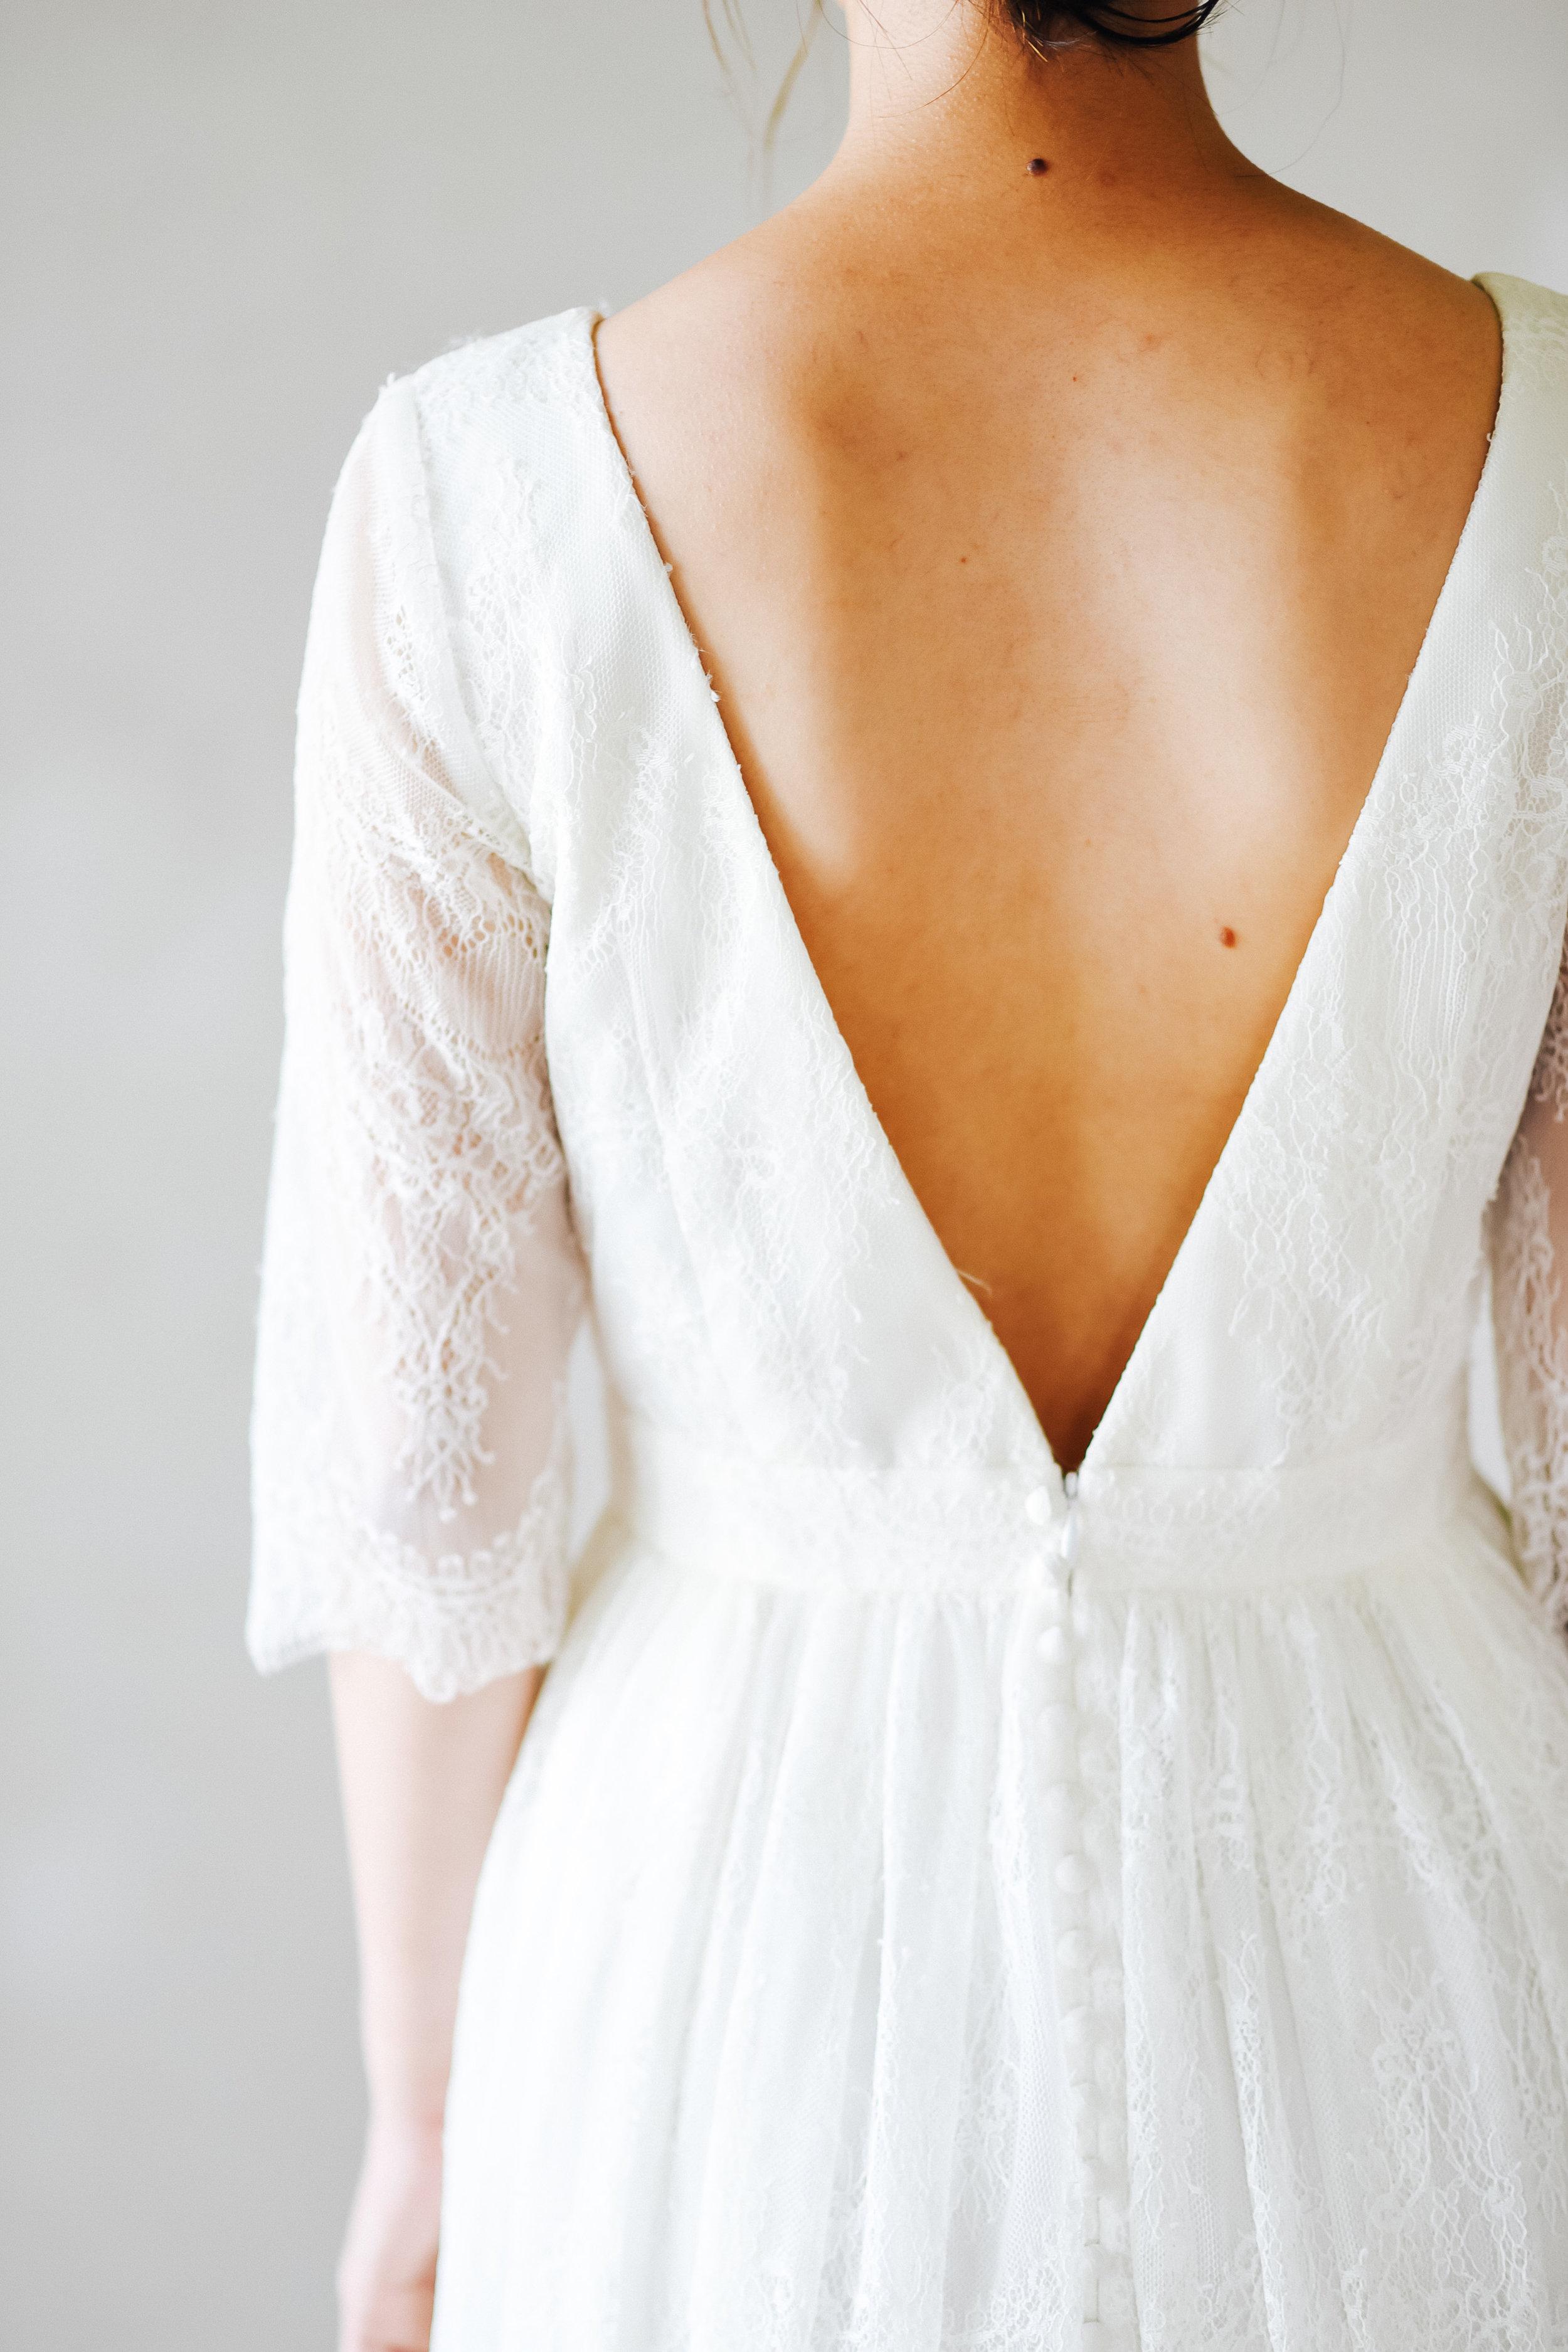 dress8_5.jpg